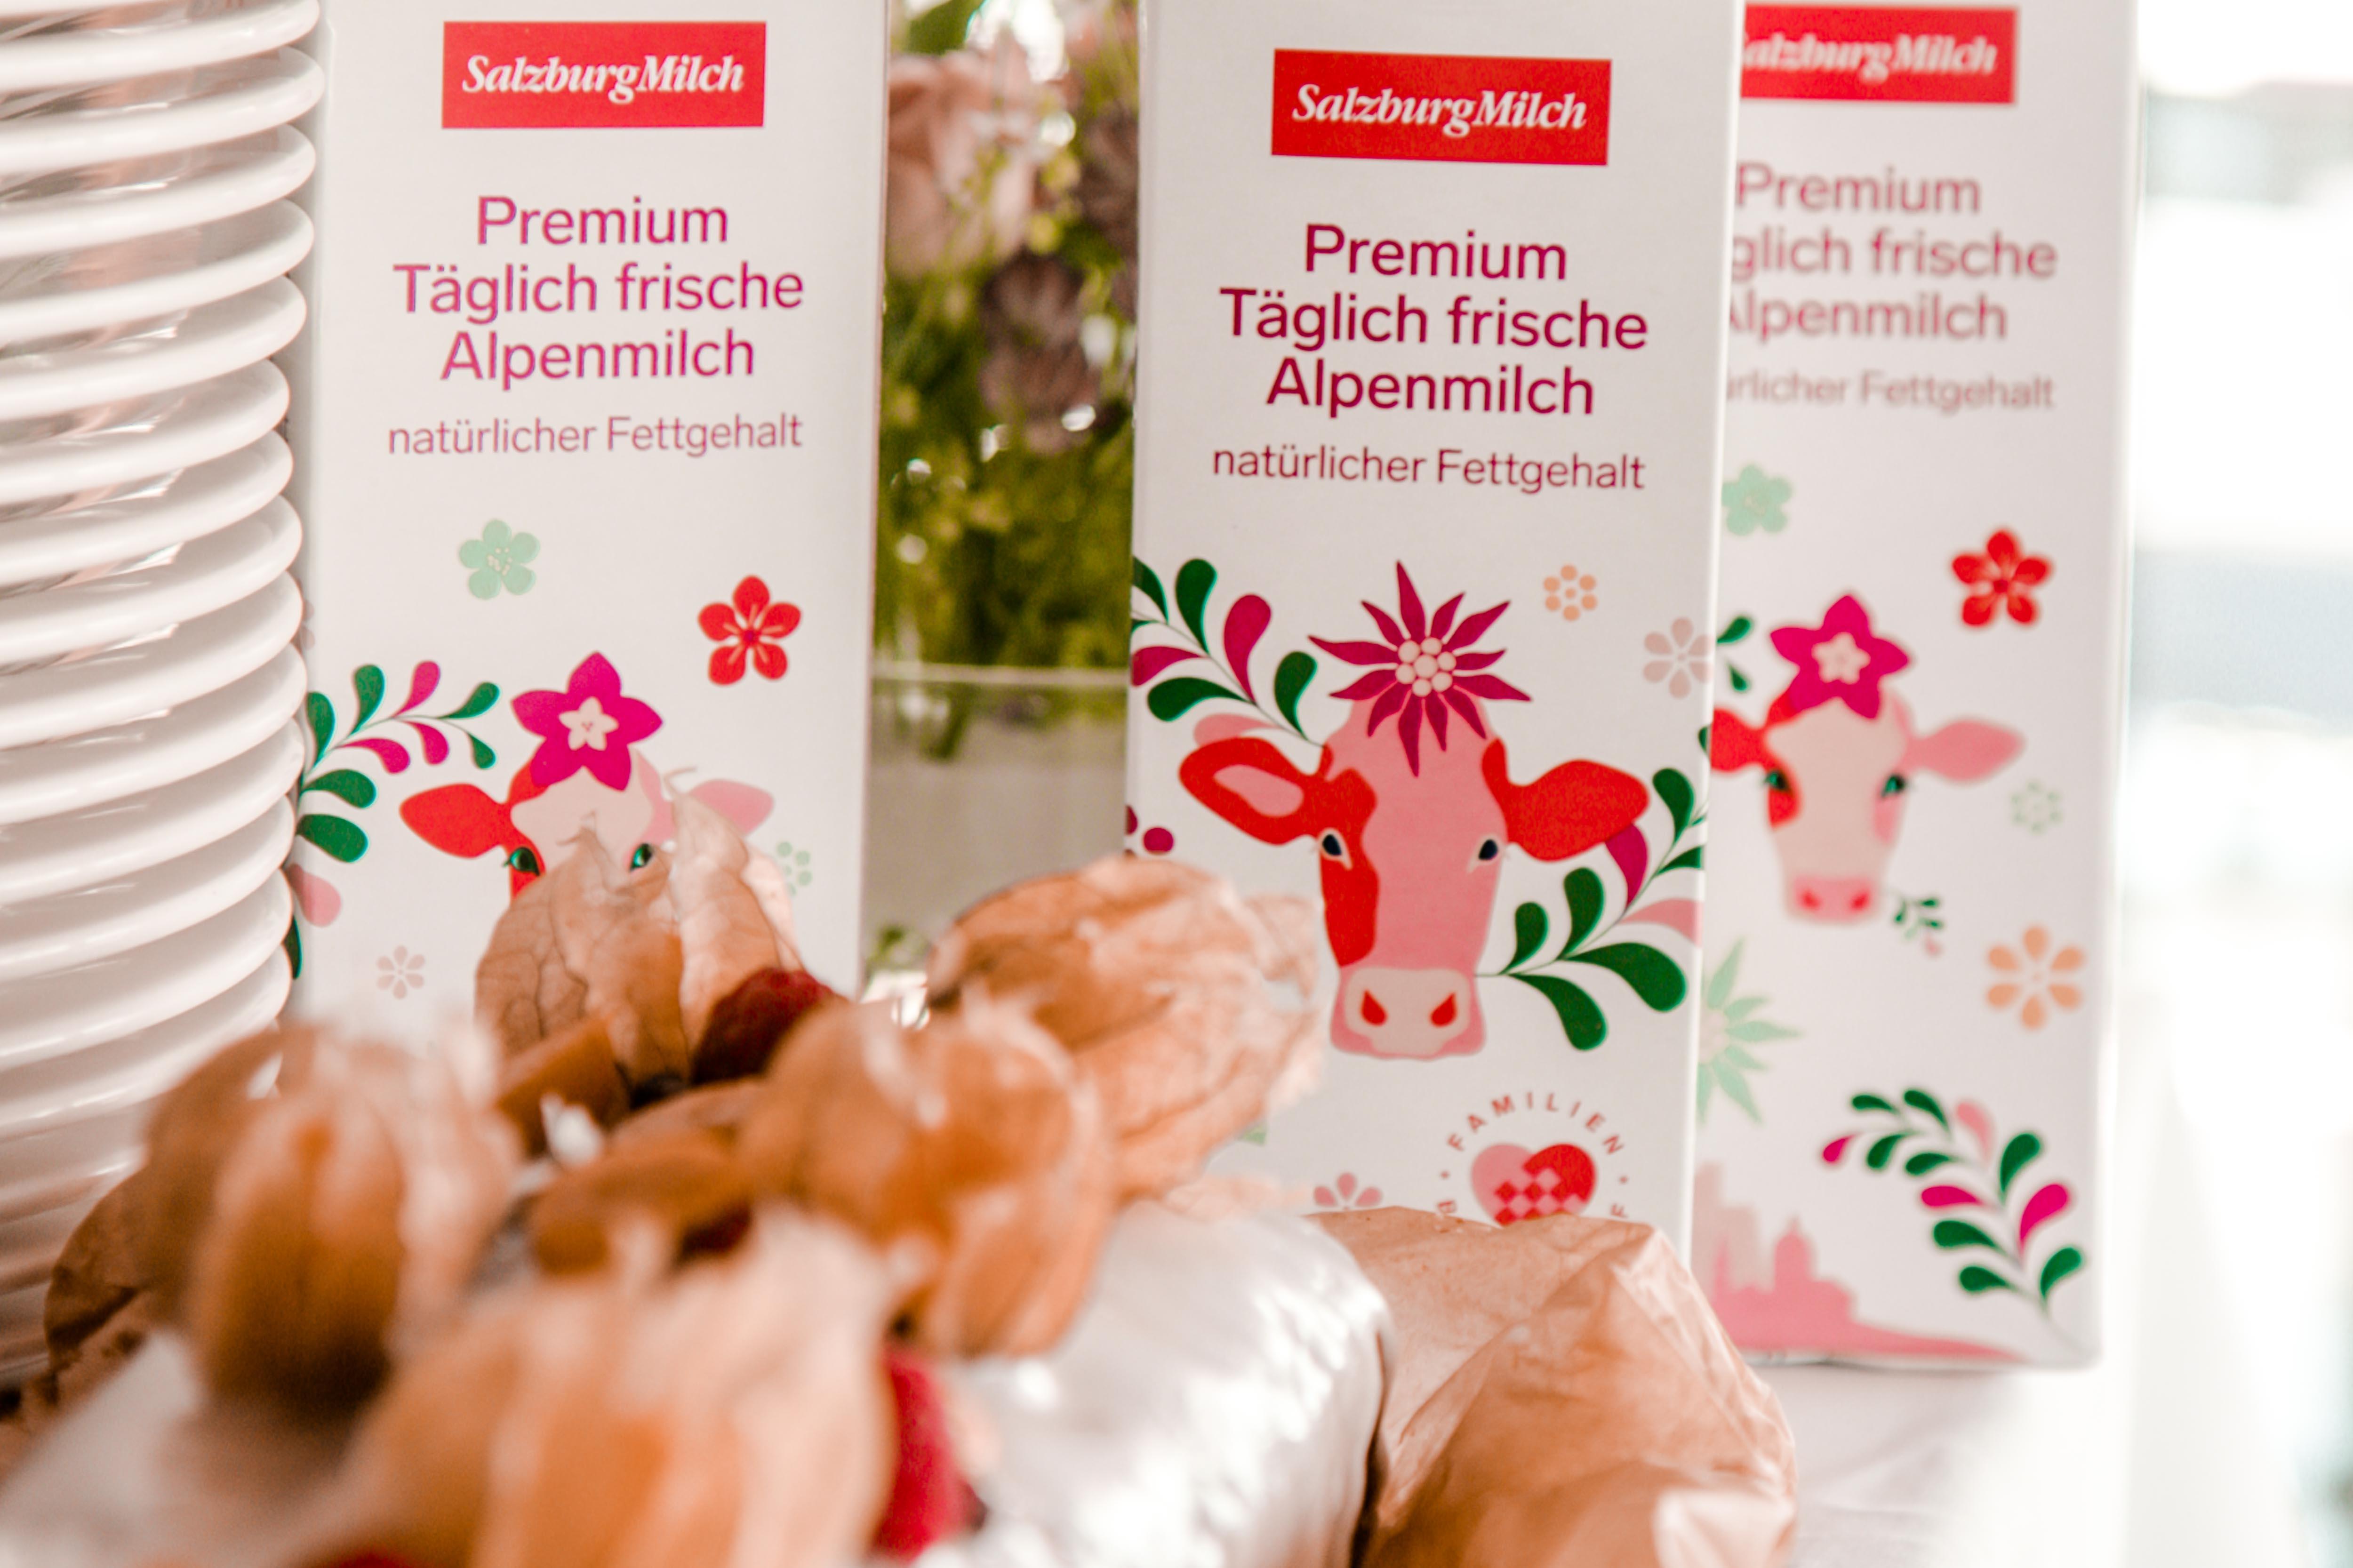 Brunch mit SalzburgMilch – warum mir Tiergesundheit wichtig ist